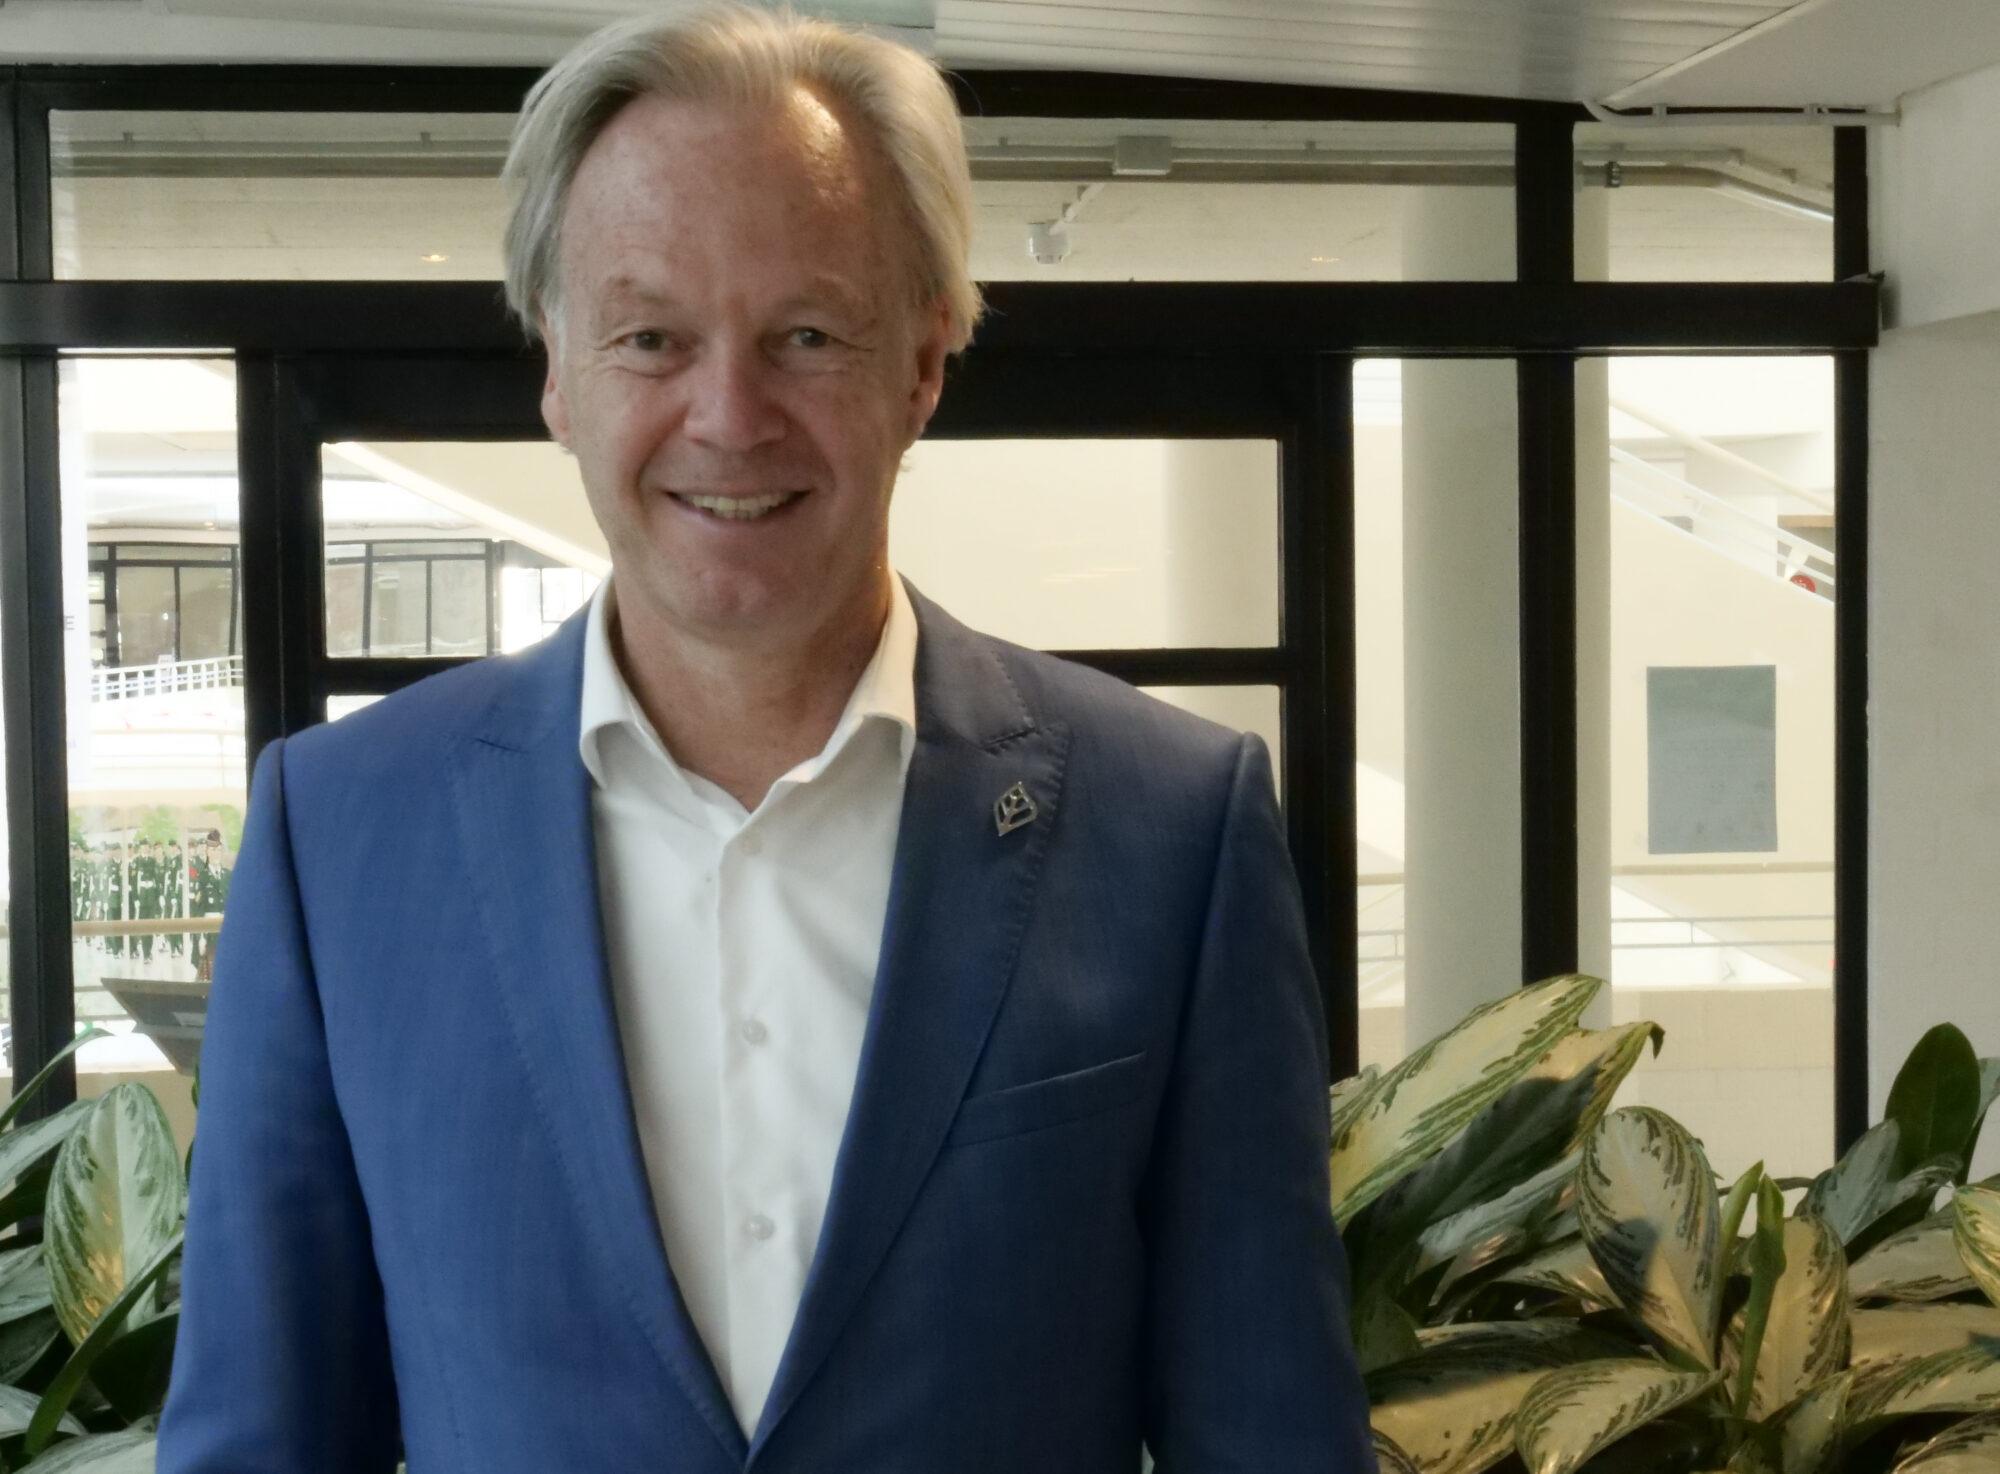 Wethouder Jeroen Joon: 'Ik heb het volste vertrouwen in de kracht van onze economie'